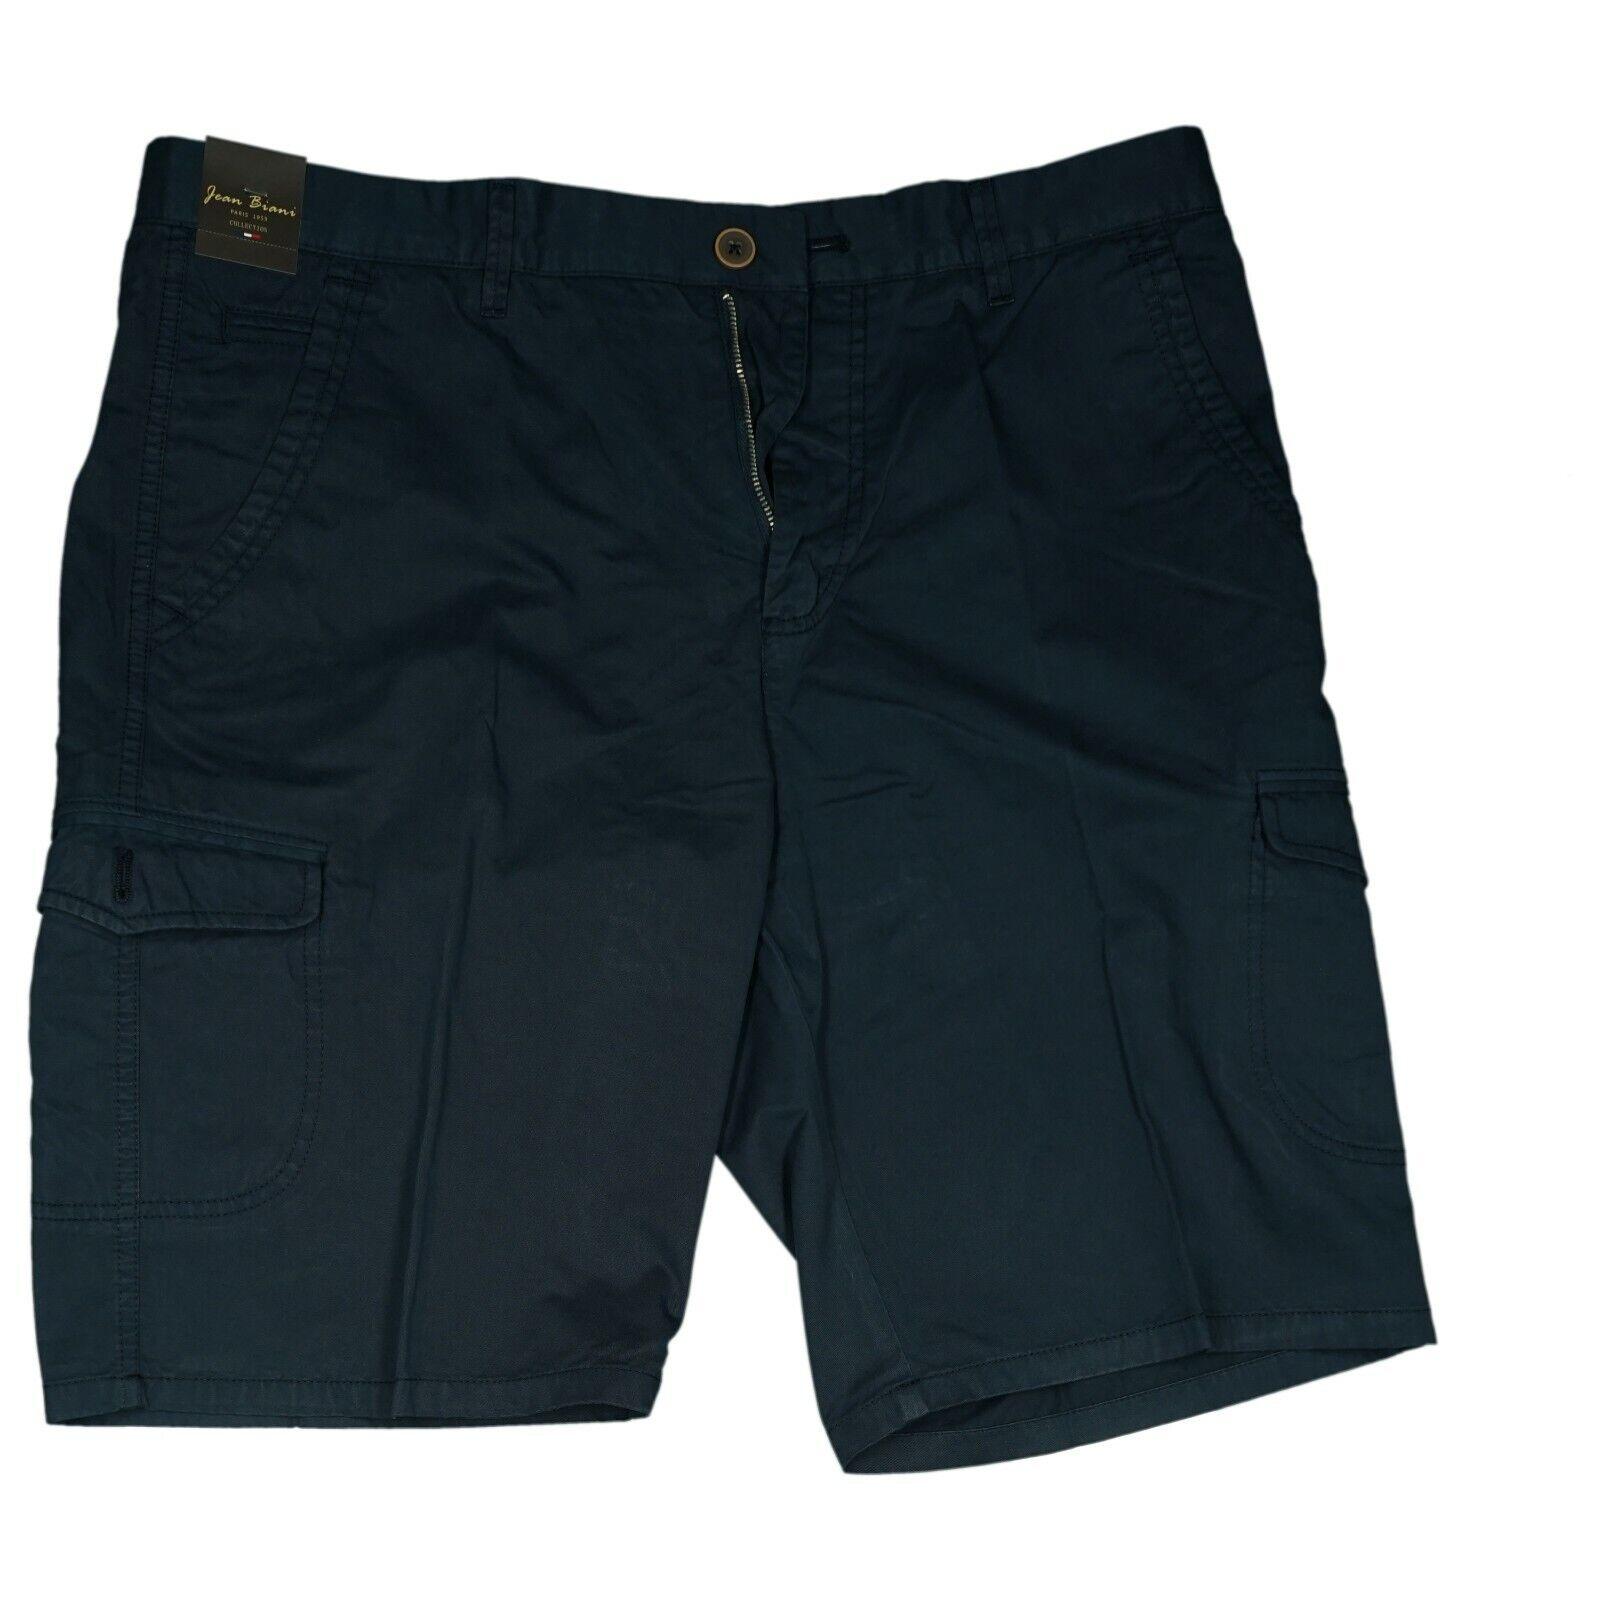 Jean Biani señores cargo verano pantalones cortos, bermudas de short XXXL 56 w40 marine nuevo